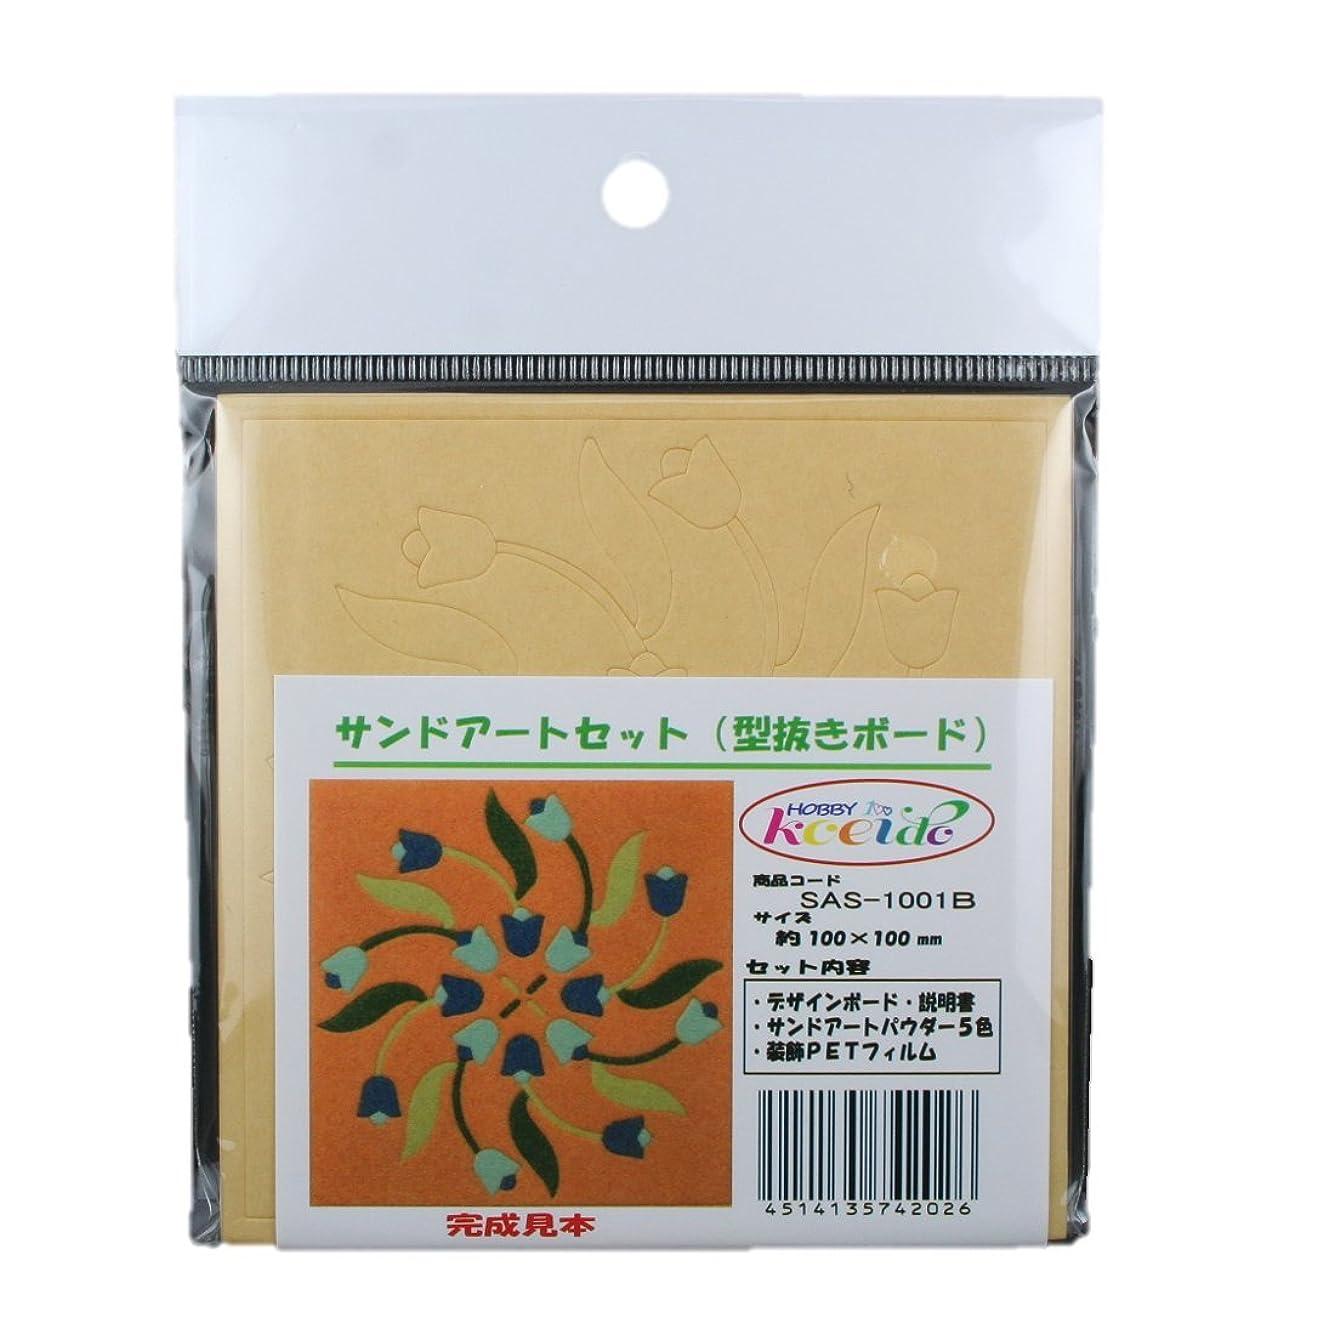 悲観的尊敬水分Koeido-hobby サンドアートセット(砂絵)  SAS-1001B